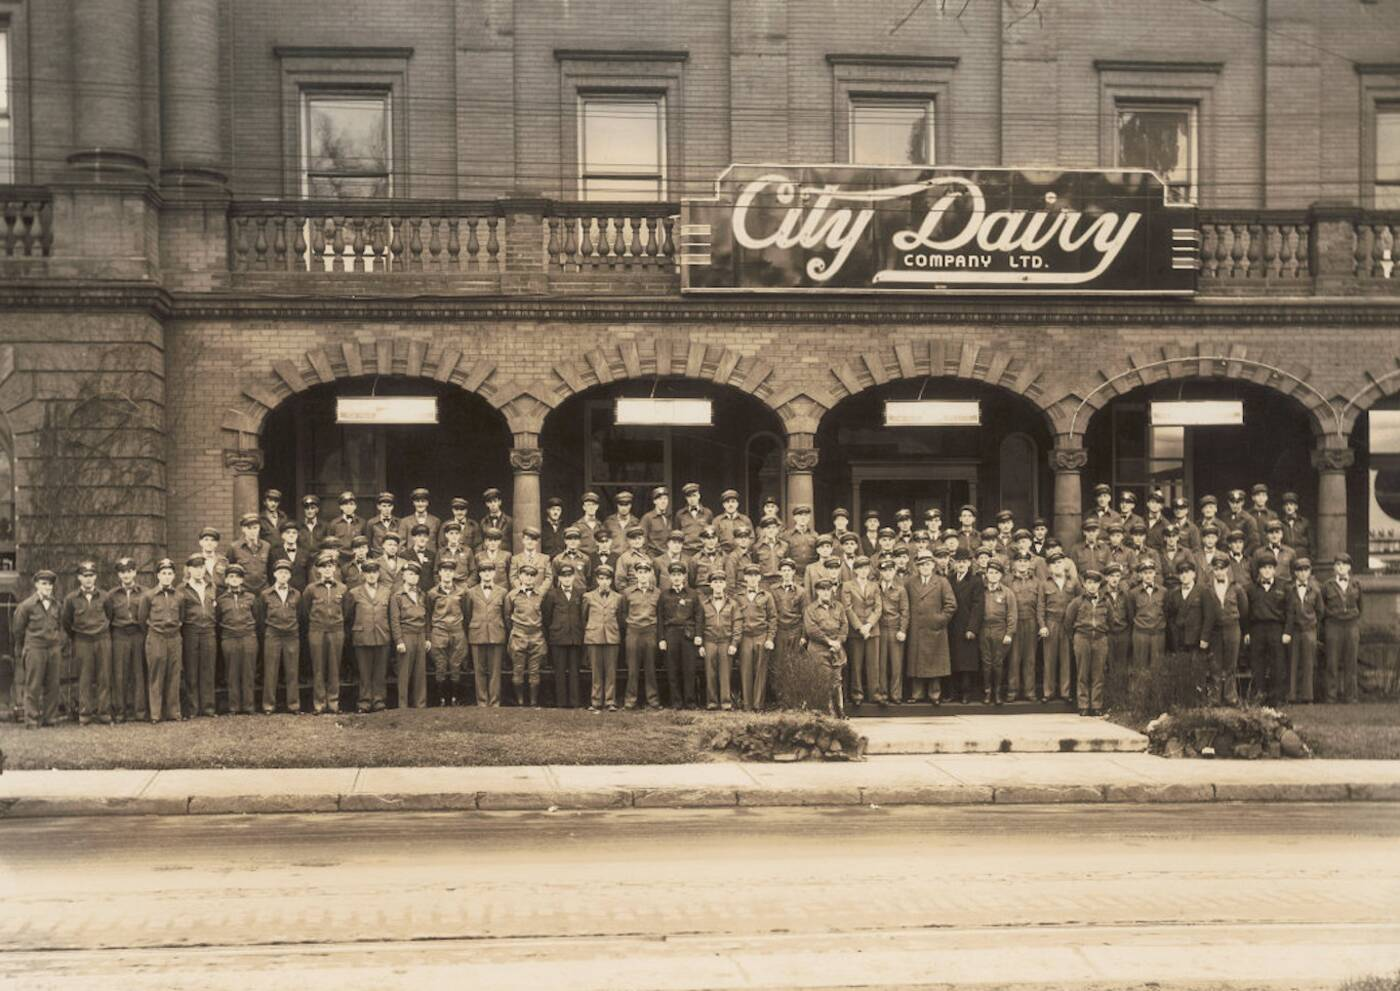 city dairy toronto